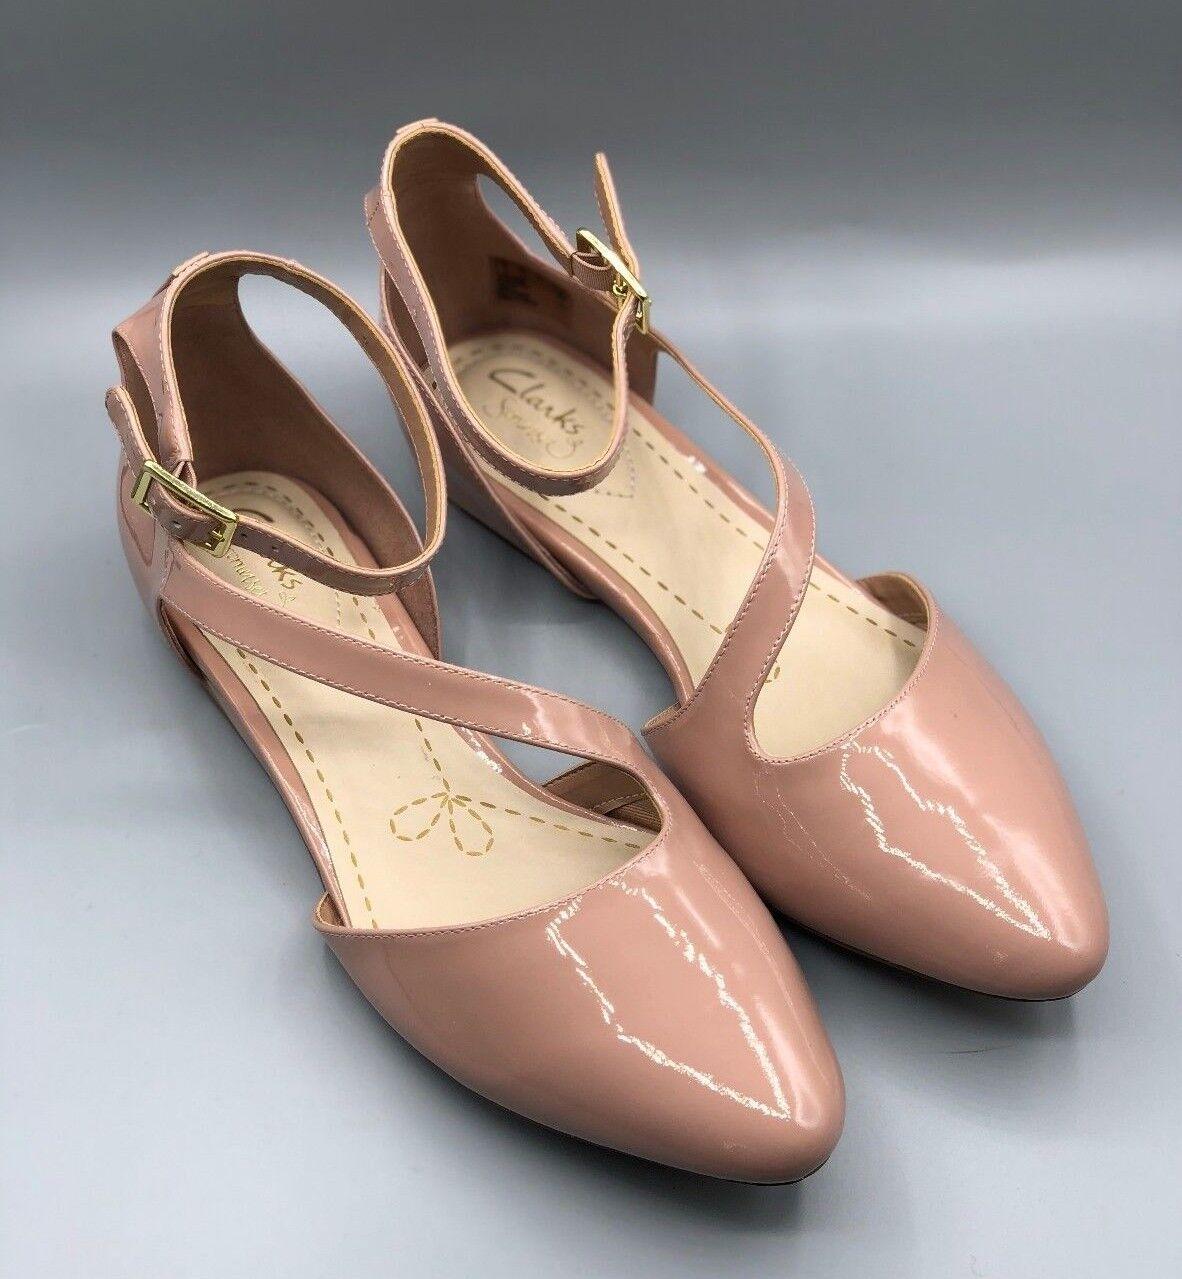 Nuevo Clarks    Coral Fizz  Damas Polvoriento rosado Charol Zapatos UK 5.5 D  Compra calidad 100% autentica